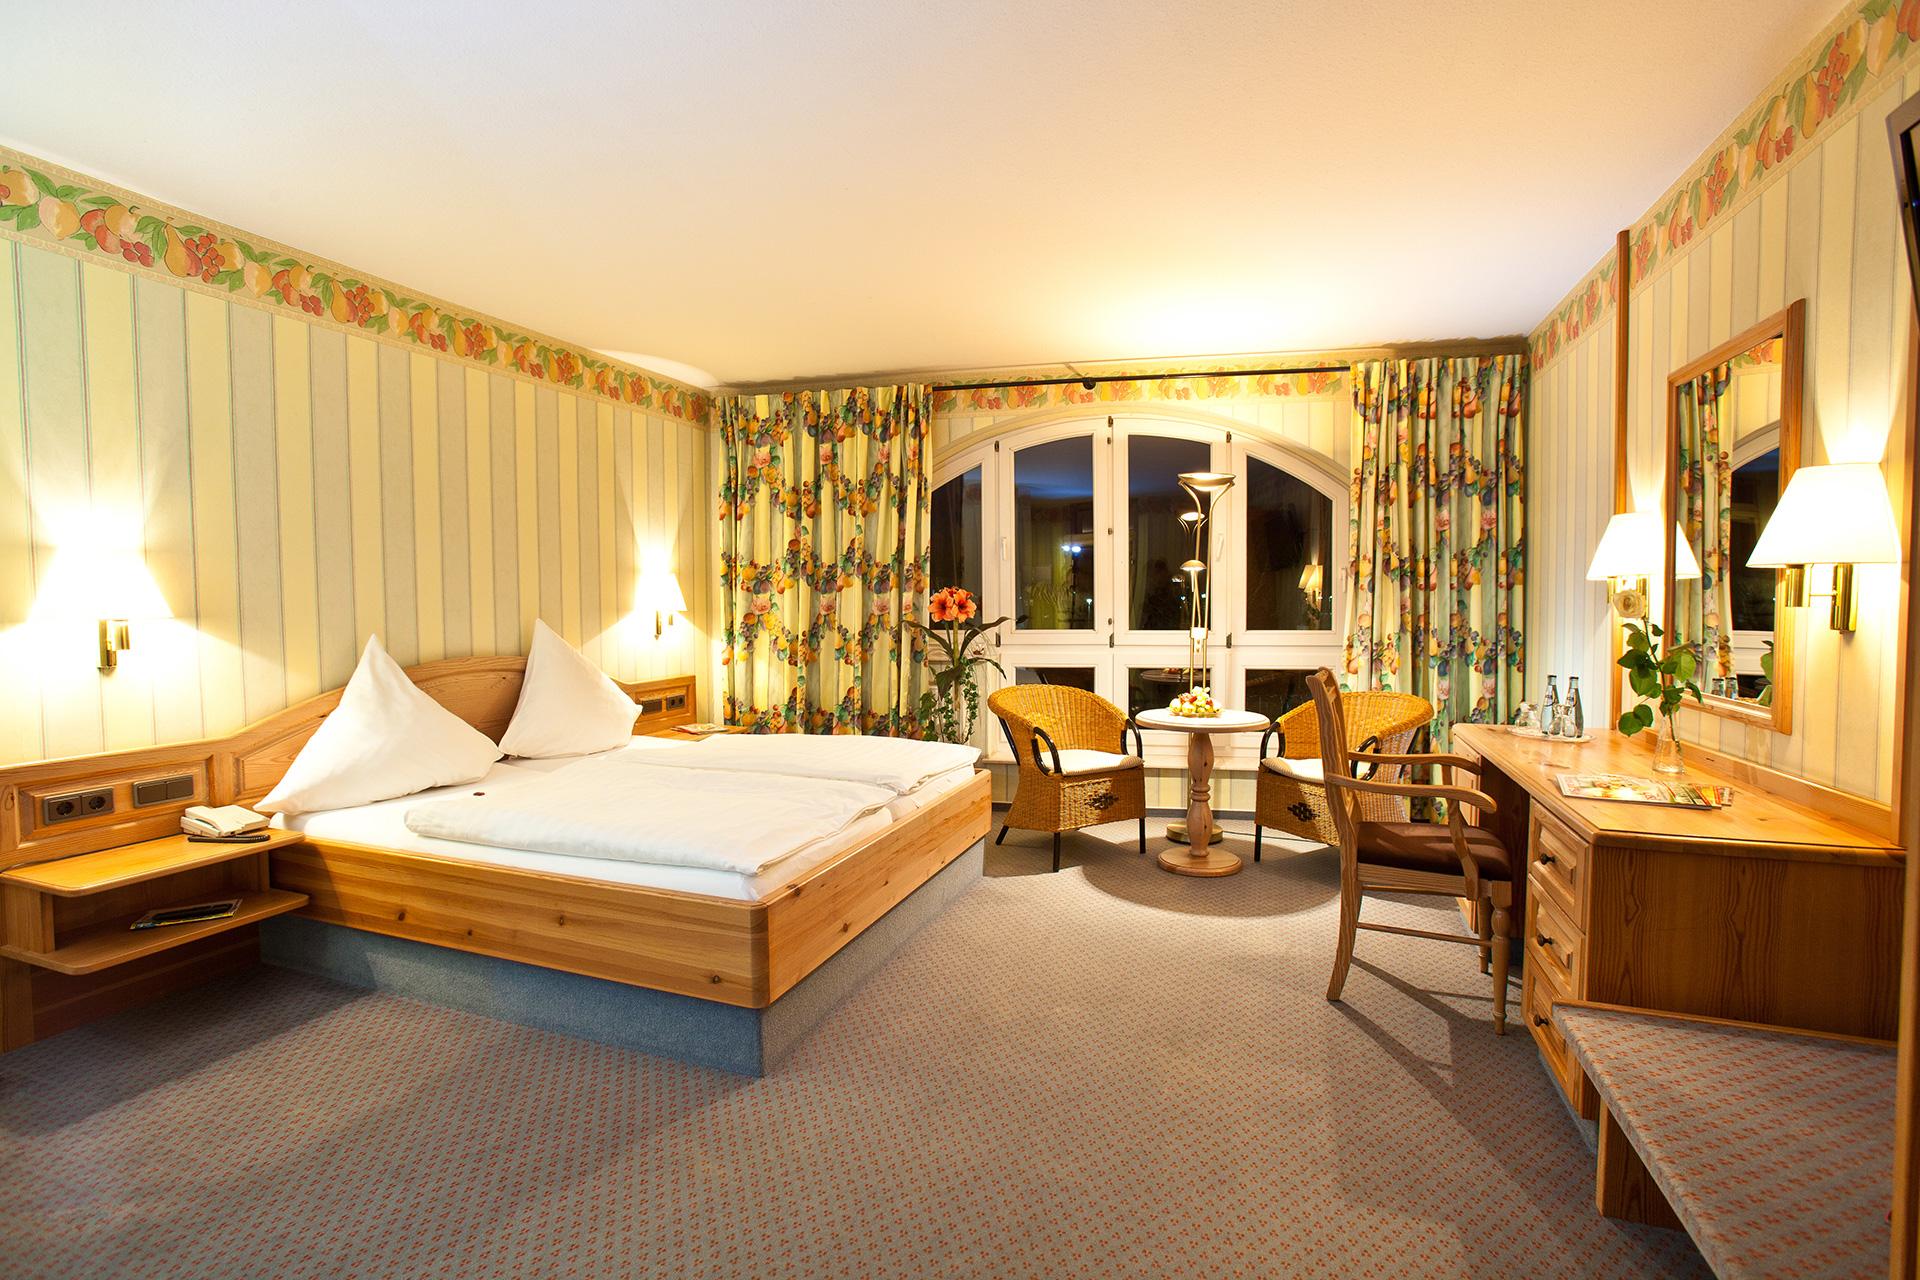 Hotel-Zimmer mit schöner Beleuchtung